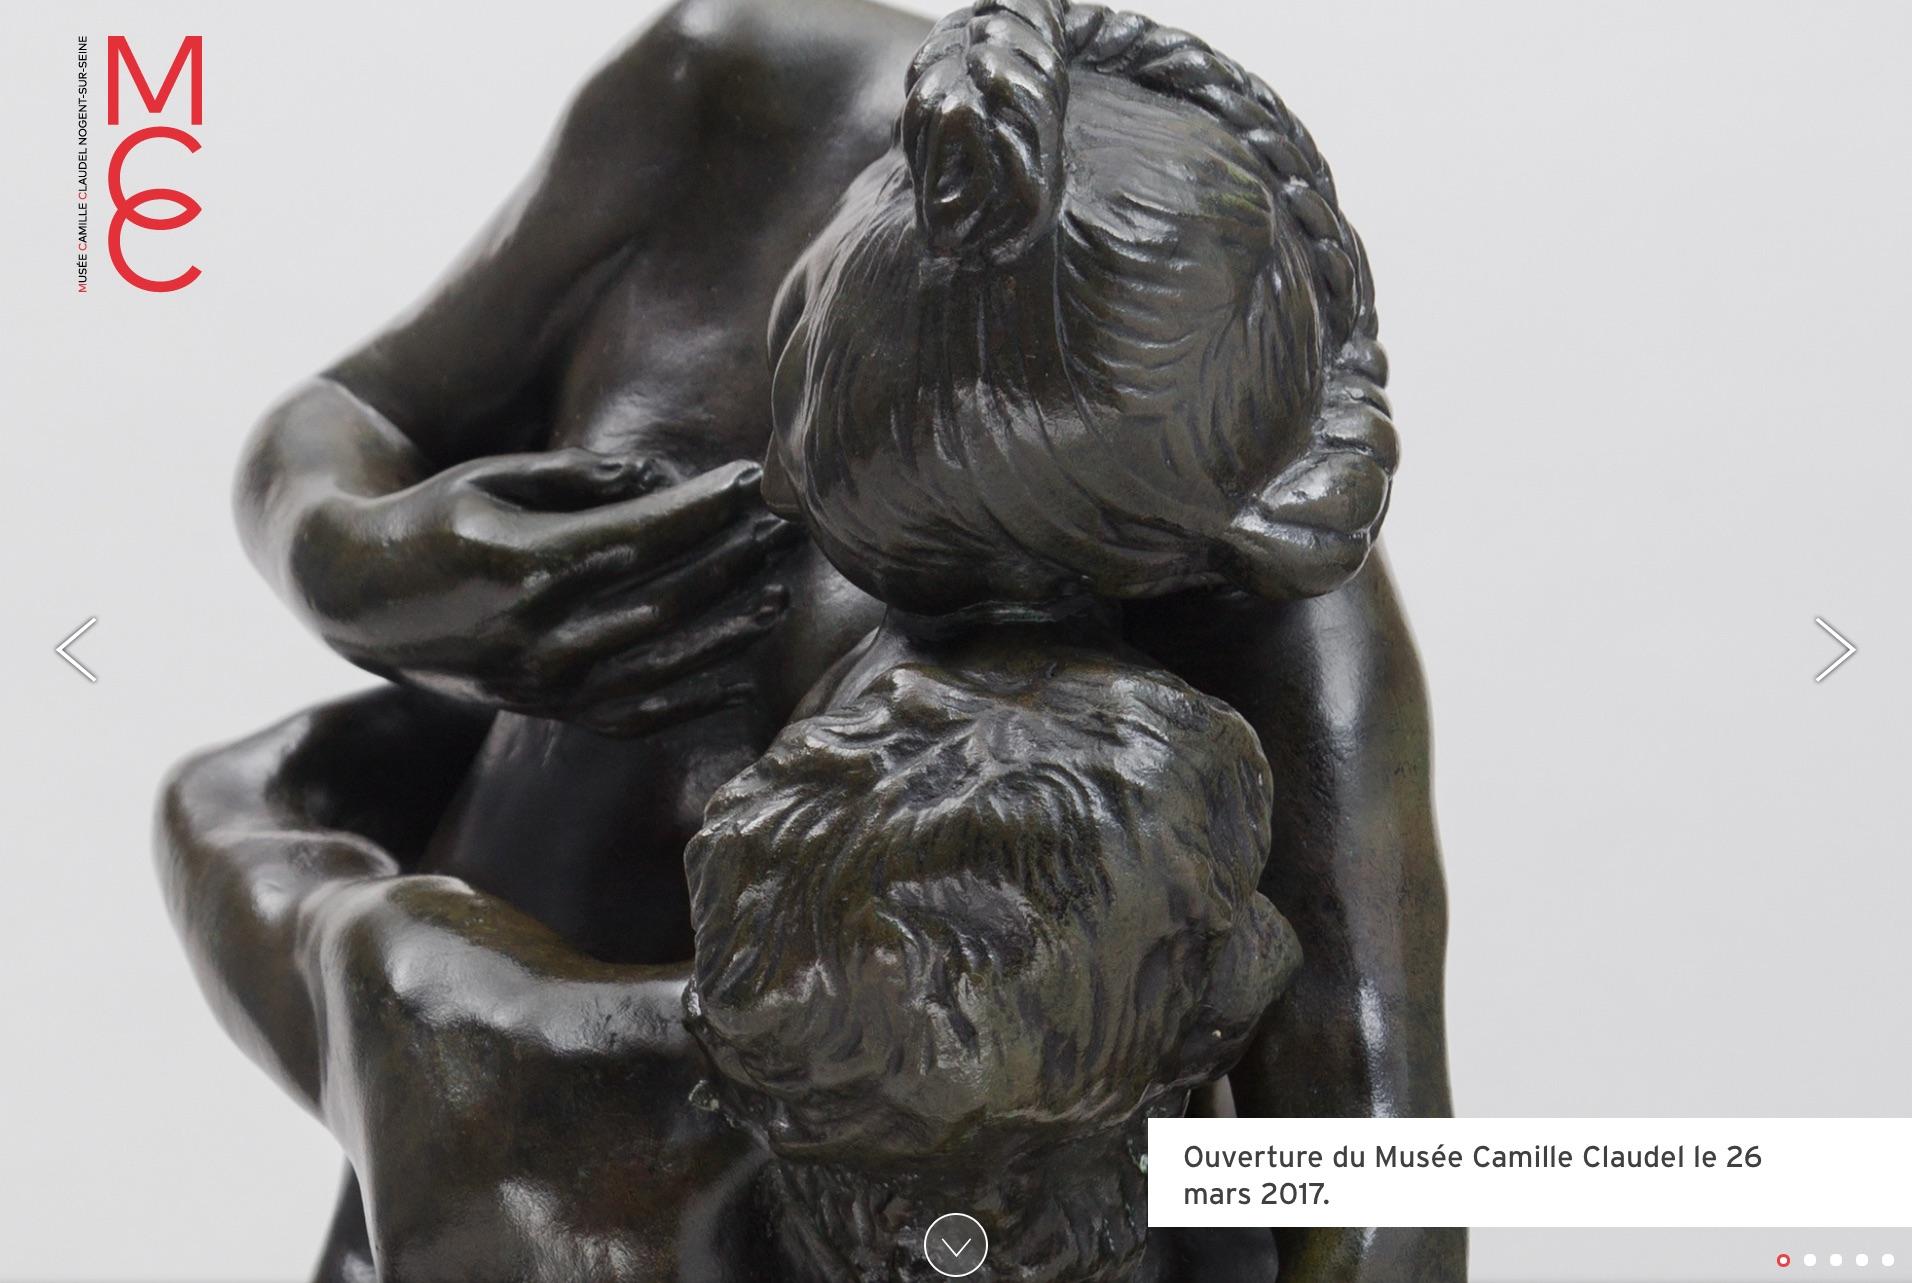 ouverture-du-museo-camilla-claudel